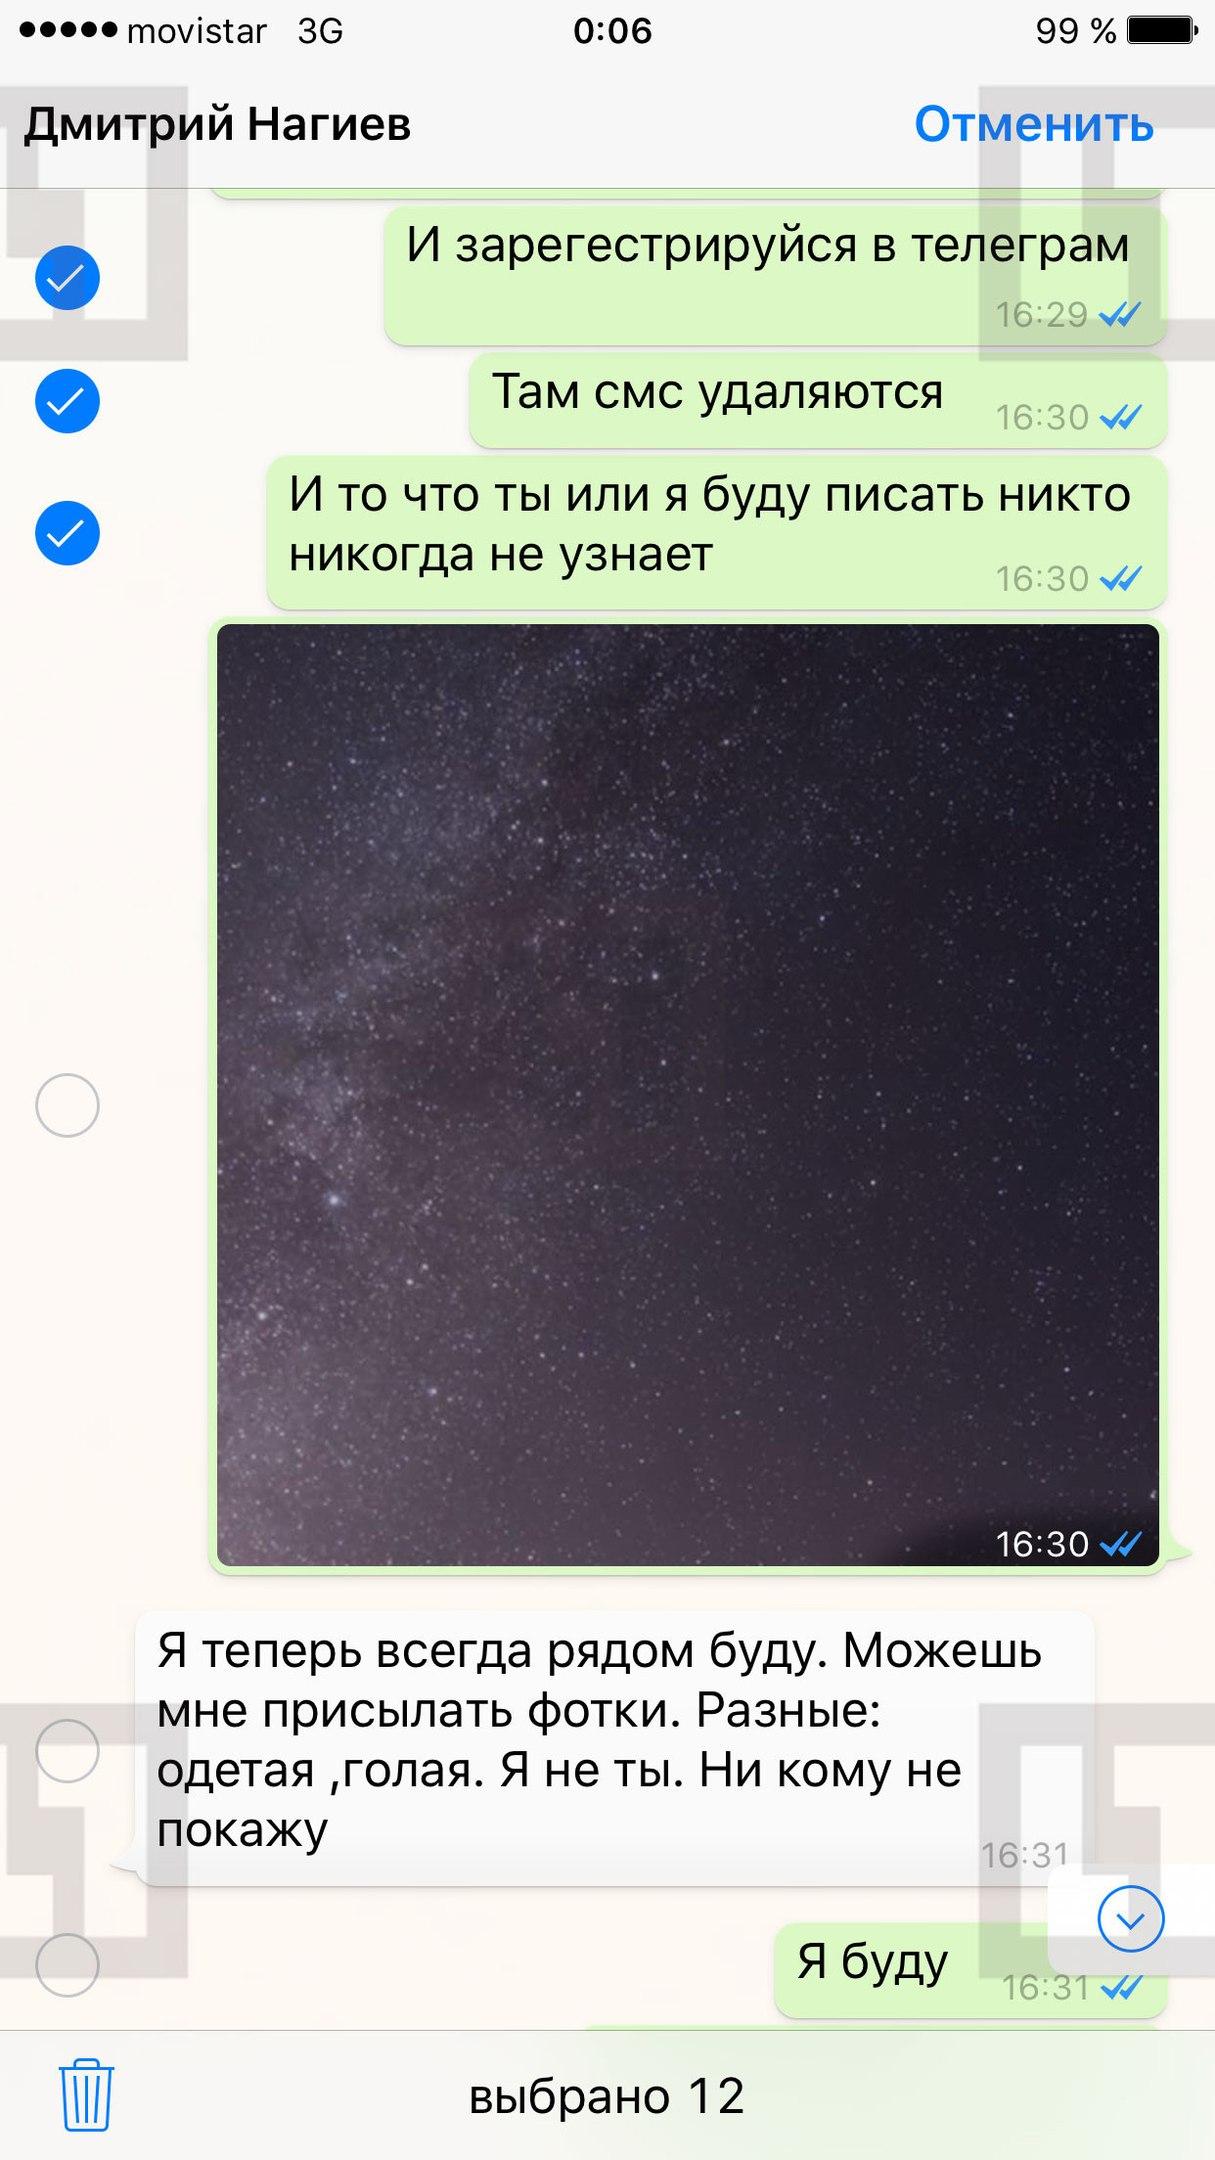 lqizg3utgmy